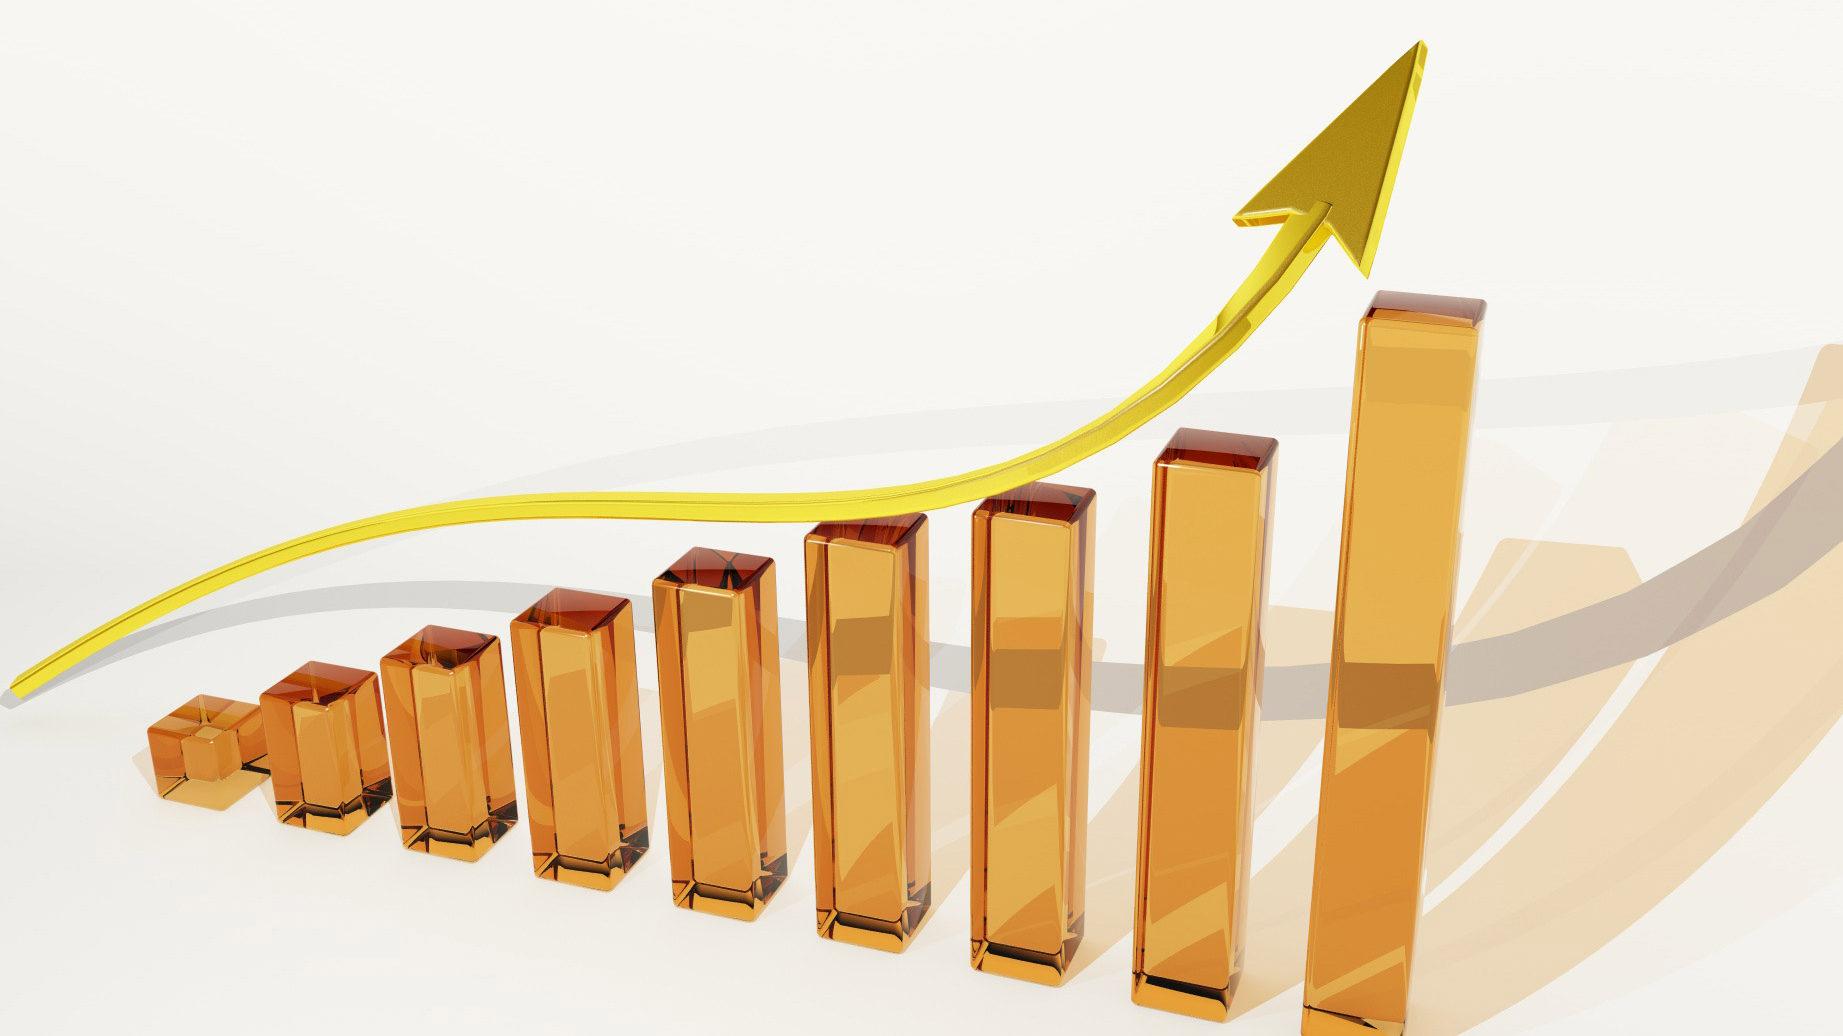 מניות הביטוח רשמו עליות נאות בחודש מאי בניגוד למדד  תל אביב 35